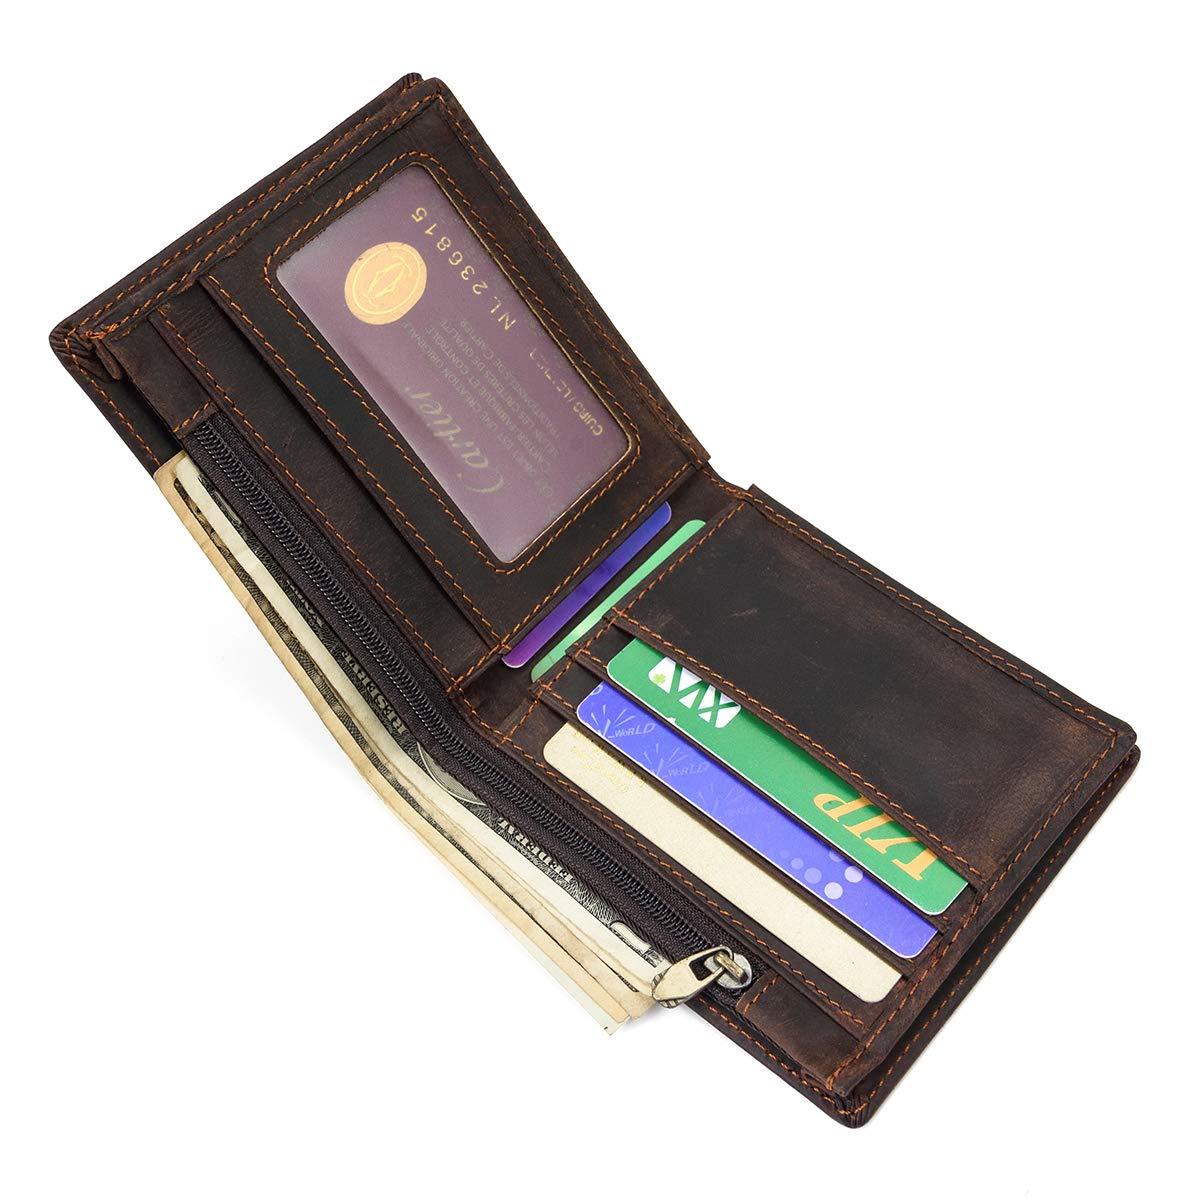 Amazon.com: LuUFAN billetera de cuero genuino para hombre ...